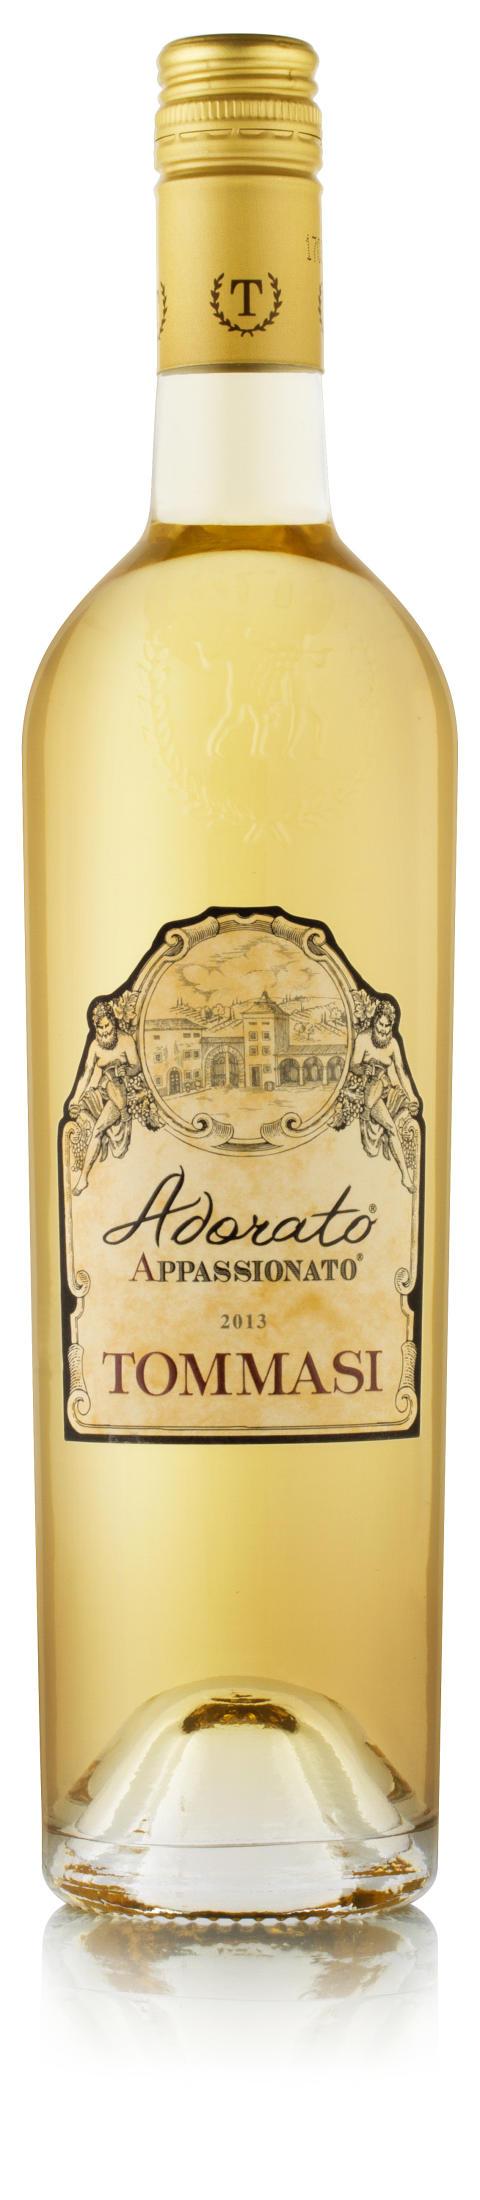 Tommasi Adorato Appassionato - ny årgång 2013!